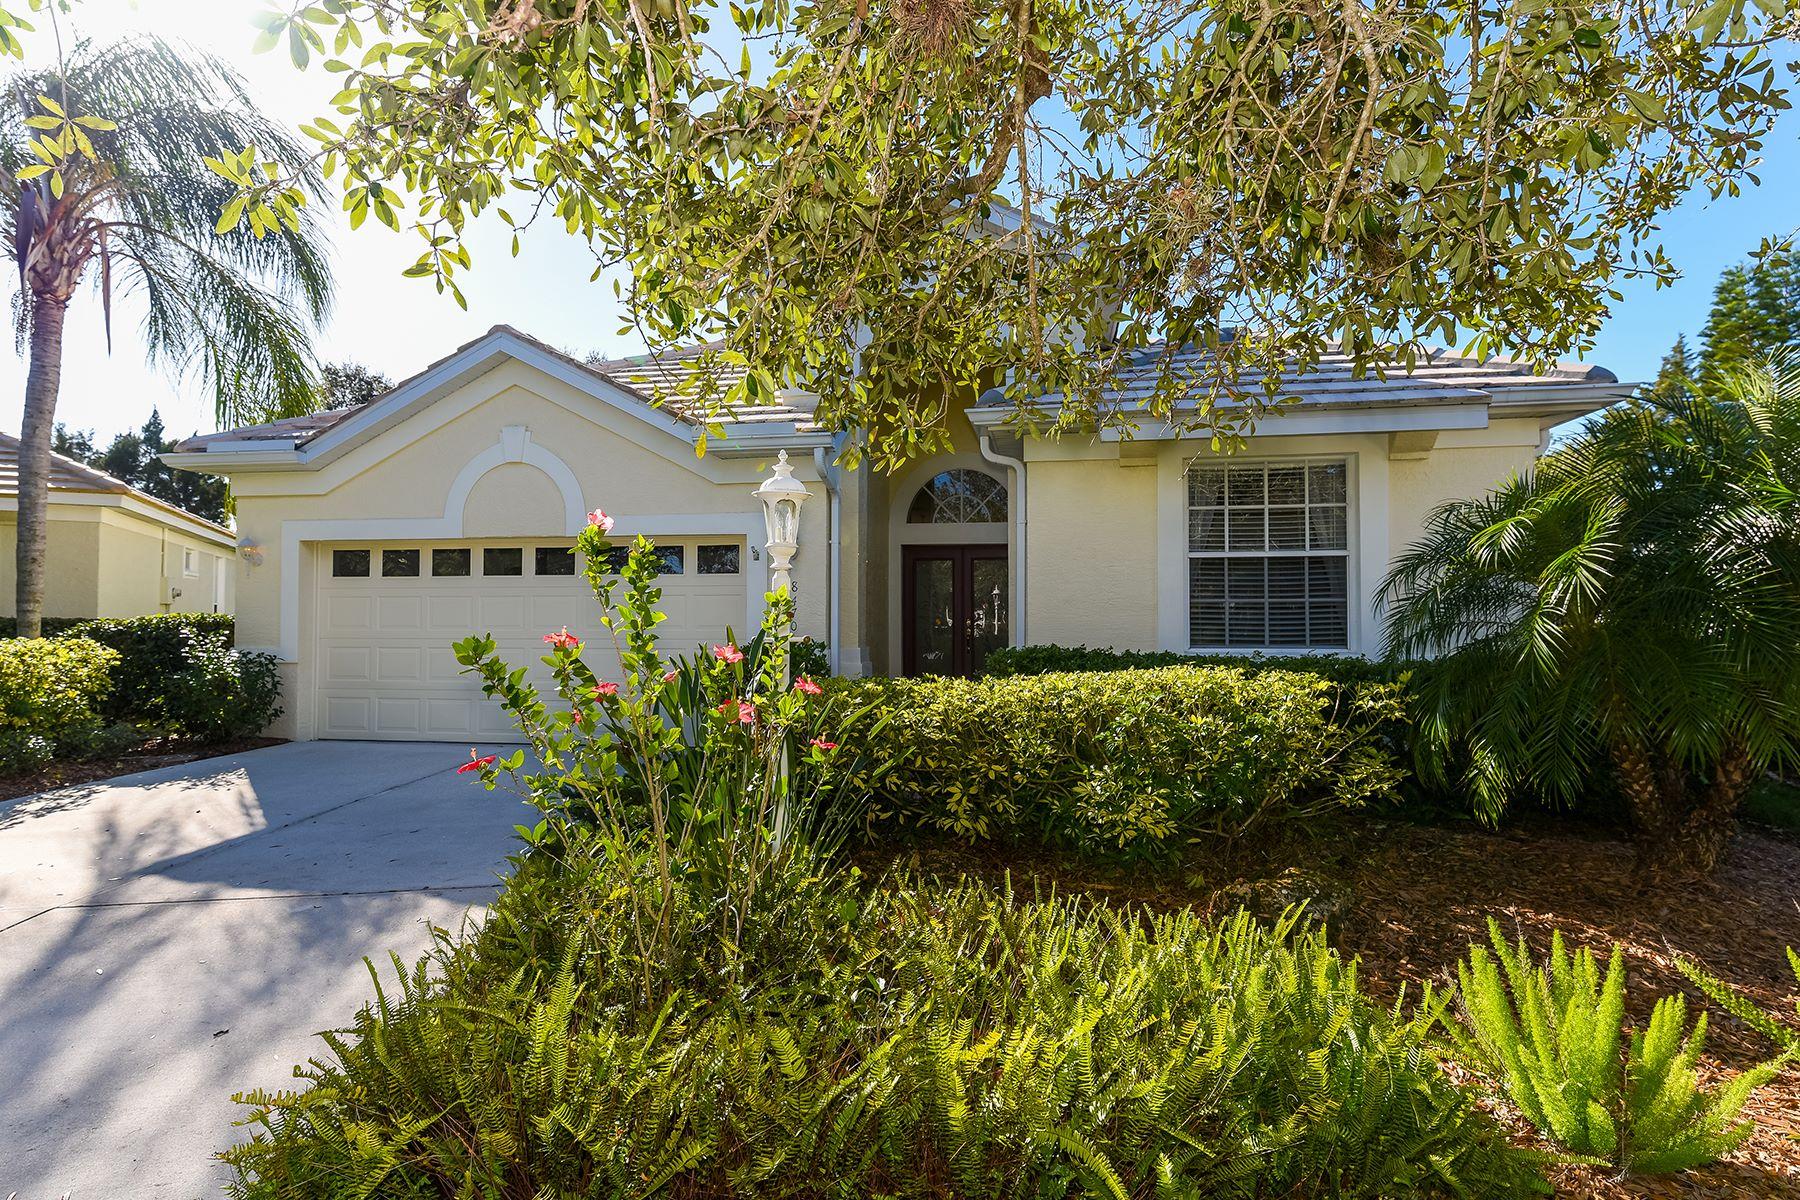 一戸建て のために 売買 アット EDGEWATER VILLAGE 8470 Idlewood Ct Lakewood Ranch, フロリダ, 34202 アメリカ合衆国